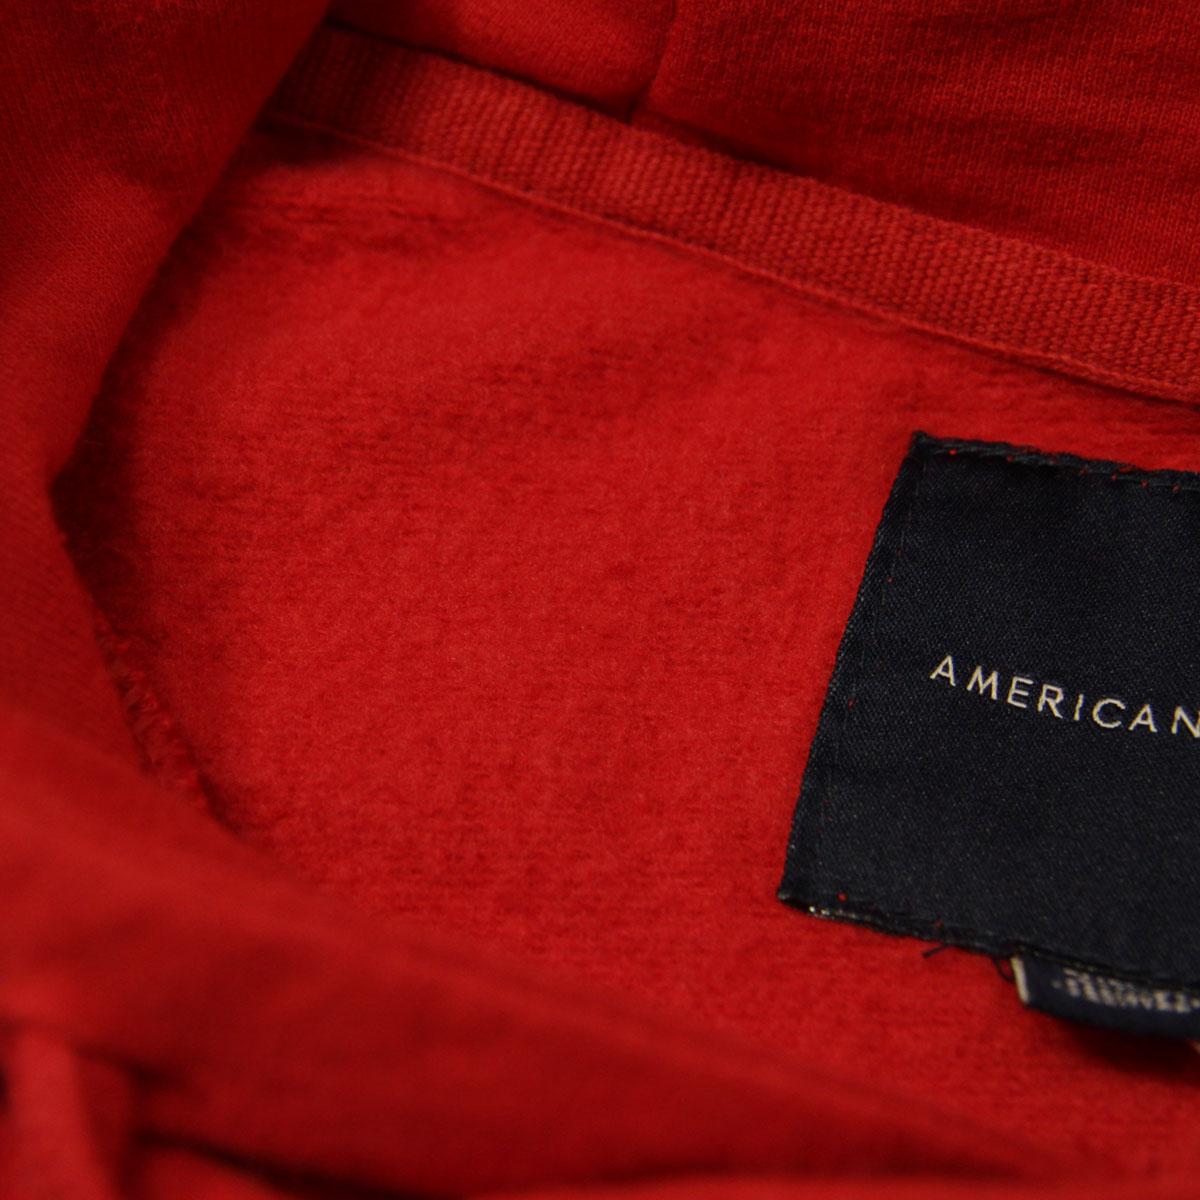 アメリカンイーグル AMERICAN EAGLE 正規品 メンズ 裏起毛 コットンスウェット プルオーバーパーカー AE GRAPHIC PULLOVER HOODIE 0193-1019-600 A04B B1C C1D D5E E11F